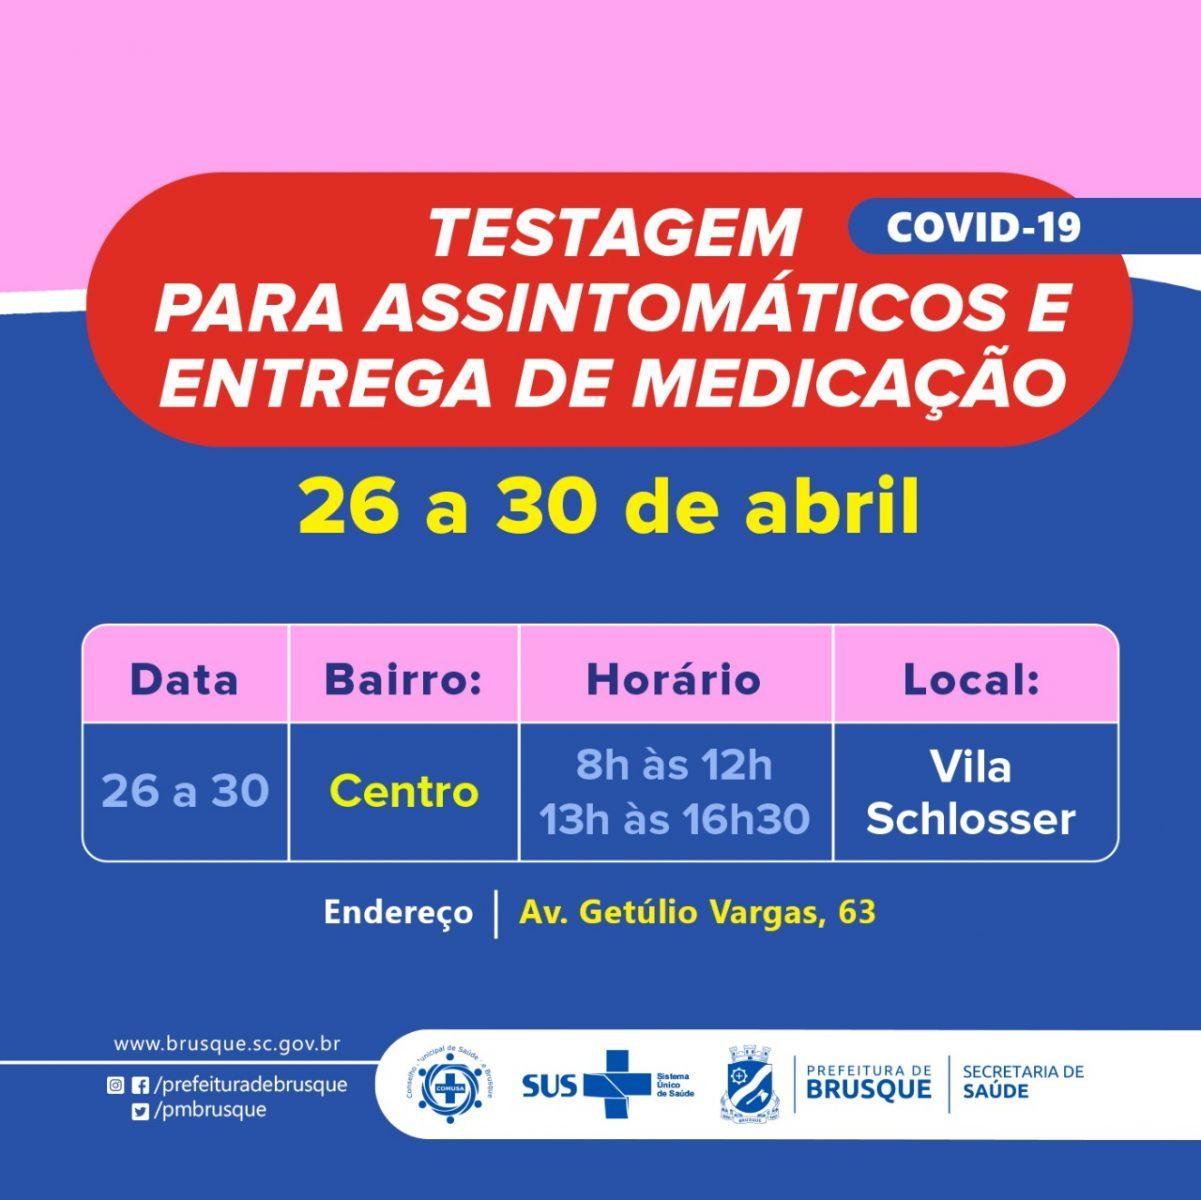 Covid-19: Unidade de testagem para assintomáticos divulga agenda da próxima semana